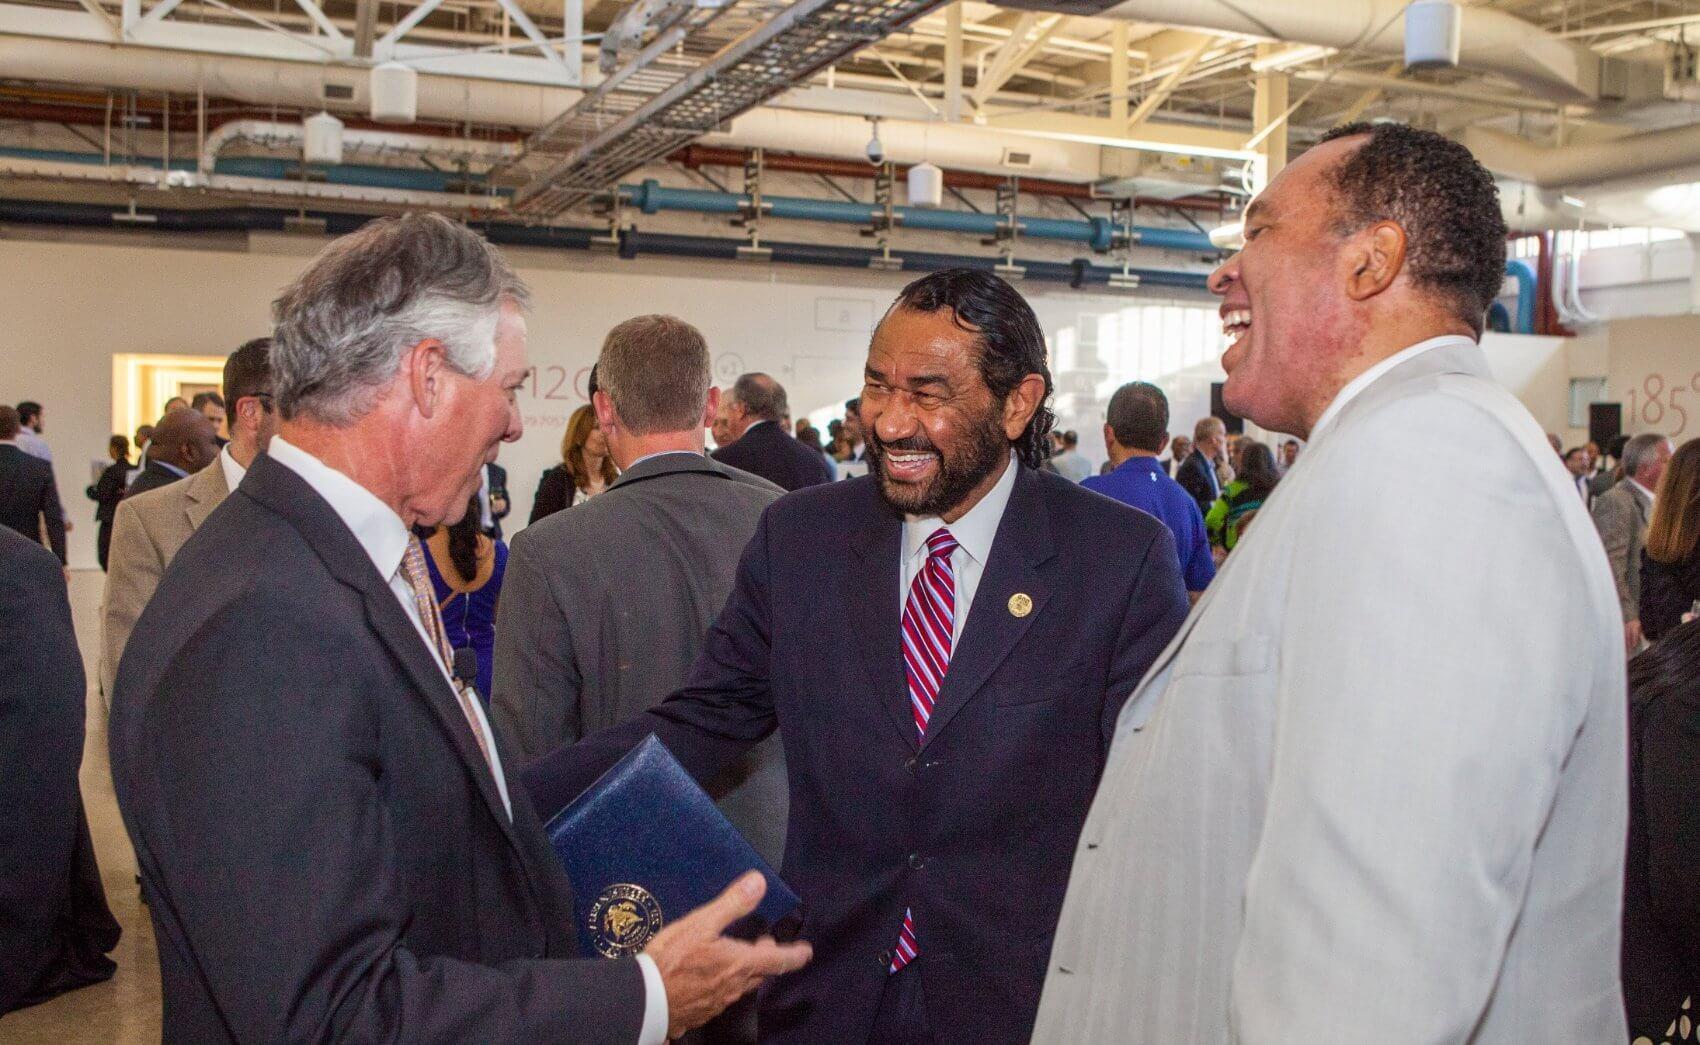 Congressman Al Green chats with Robbins. (Credit: Nick de la Torre)